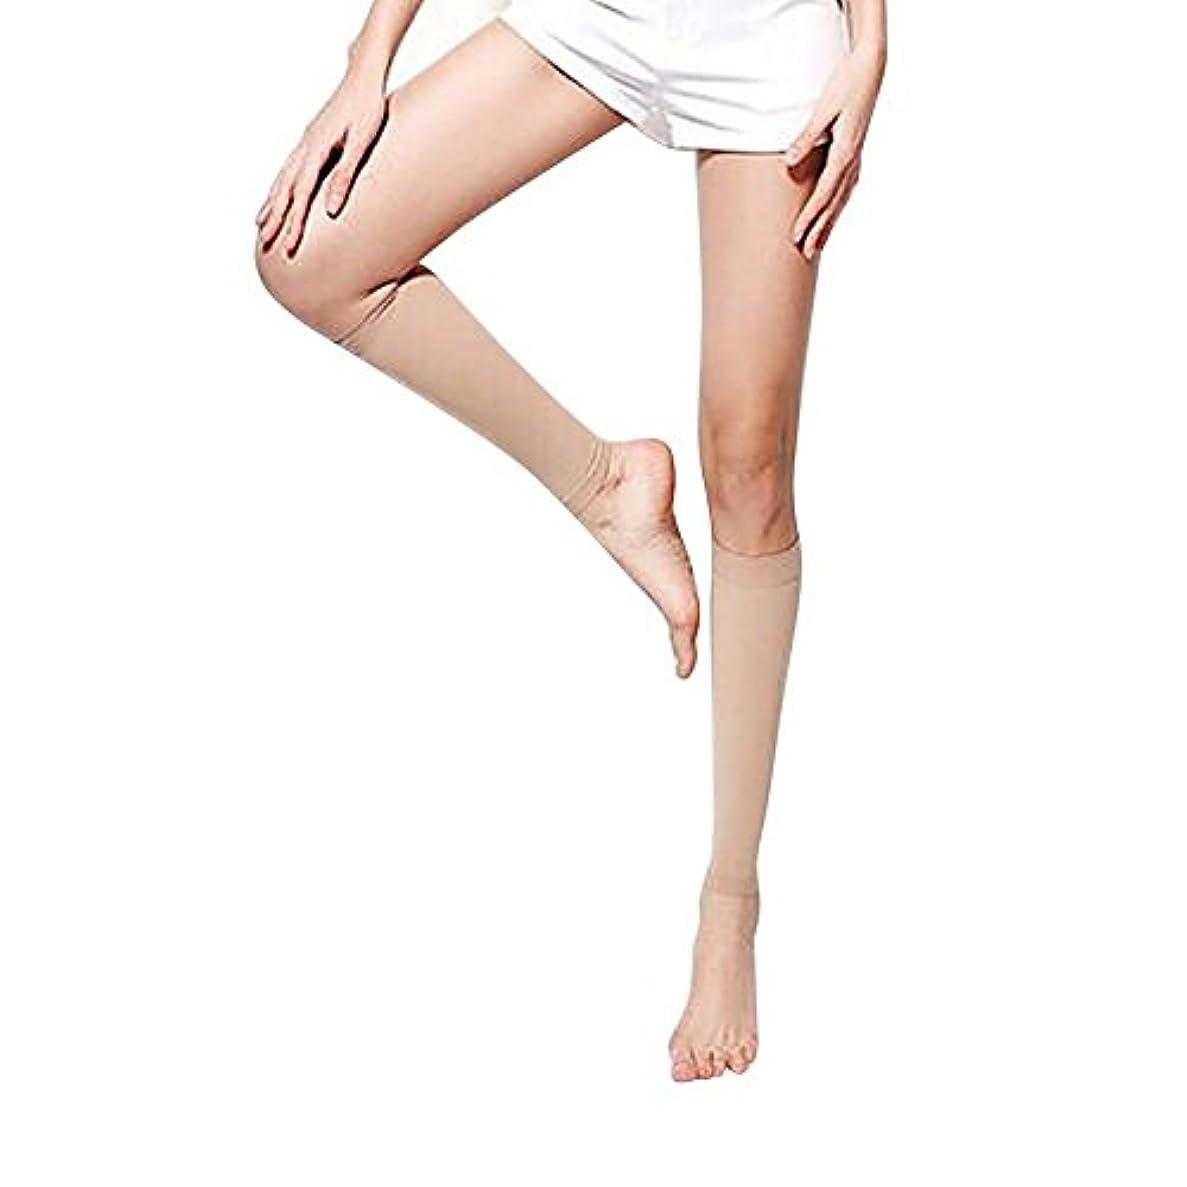 強大なキャメルルビーkasit 美脚ふくらはぎソックス 着圧ソックス 脂肪燃焼で脛ほっそり ショート